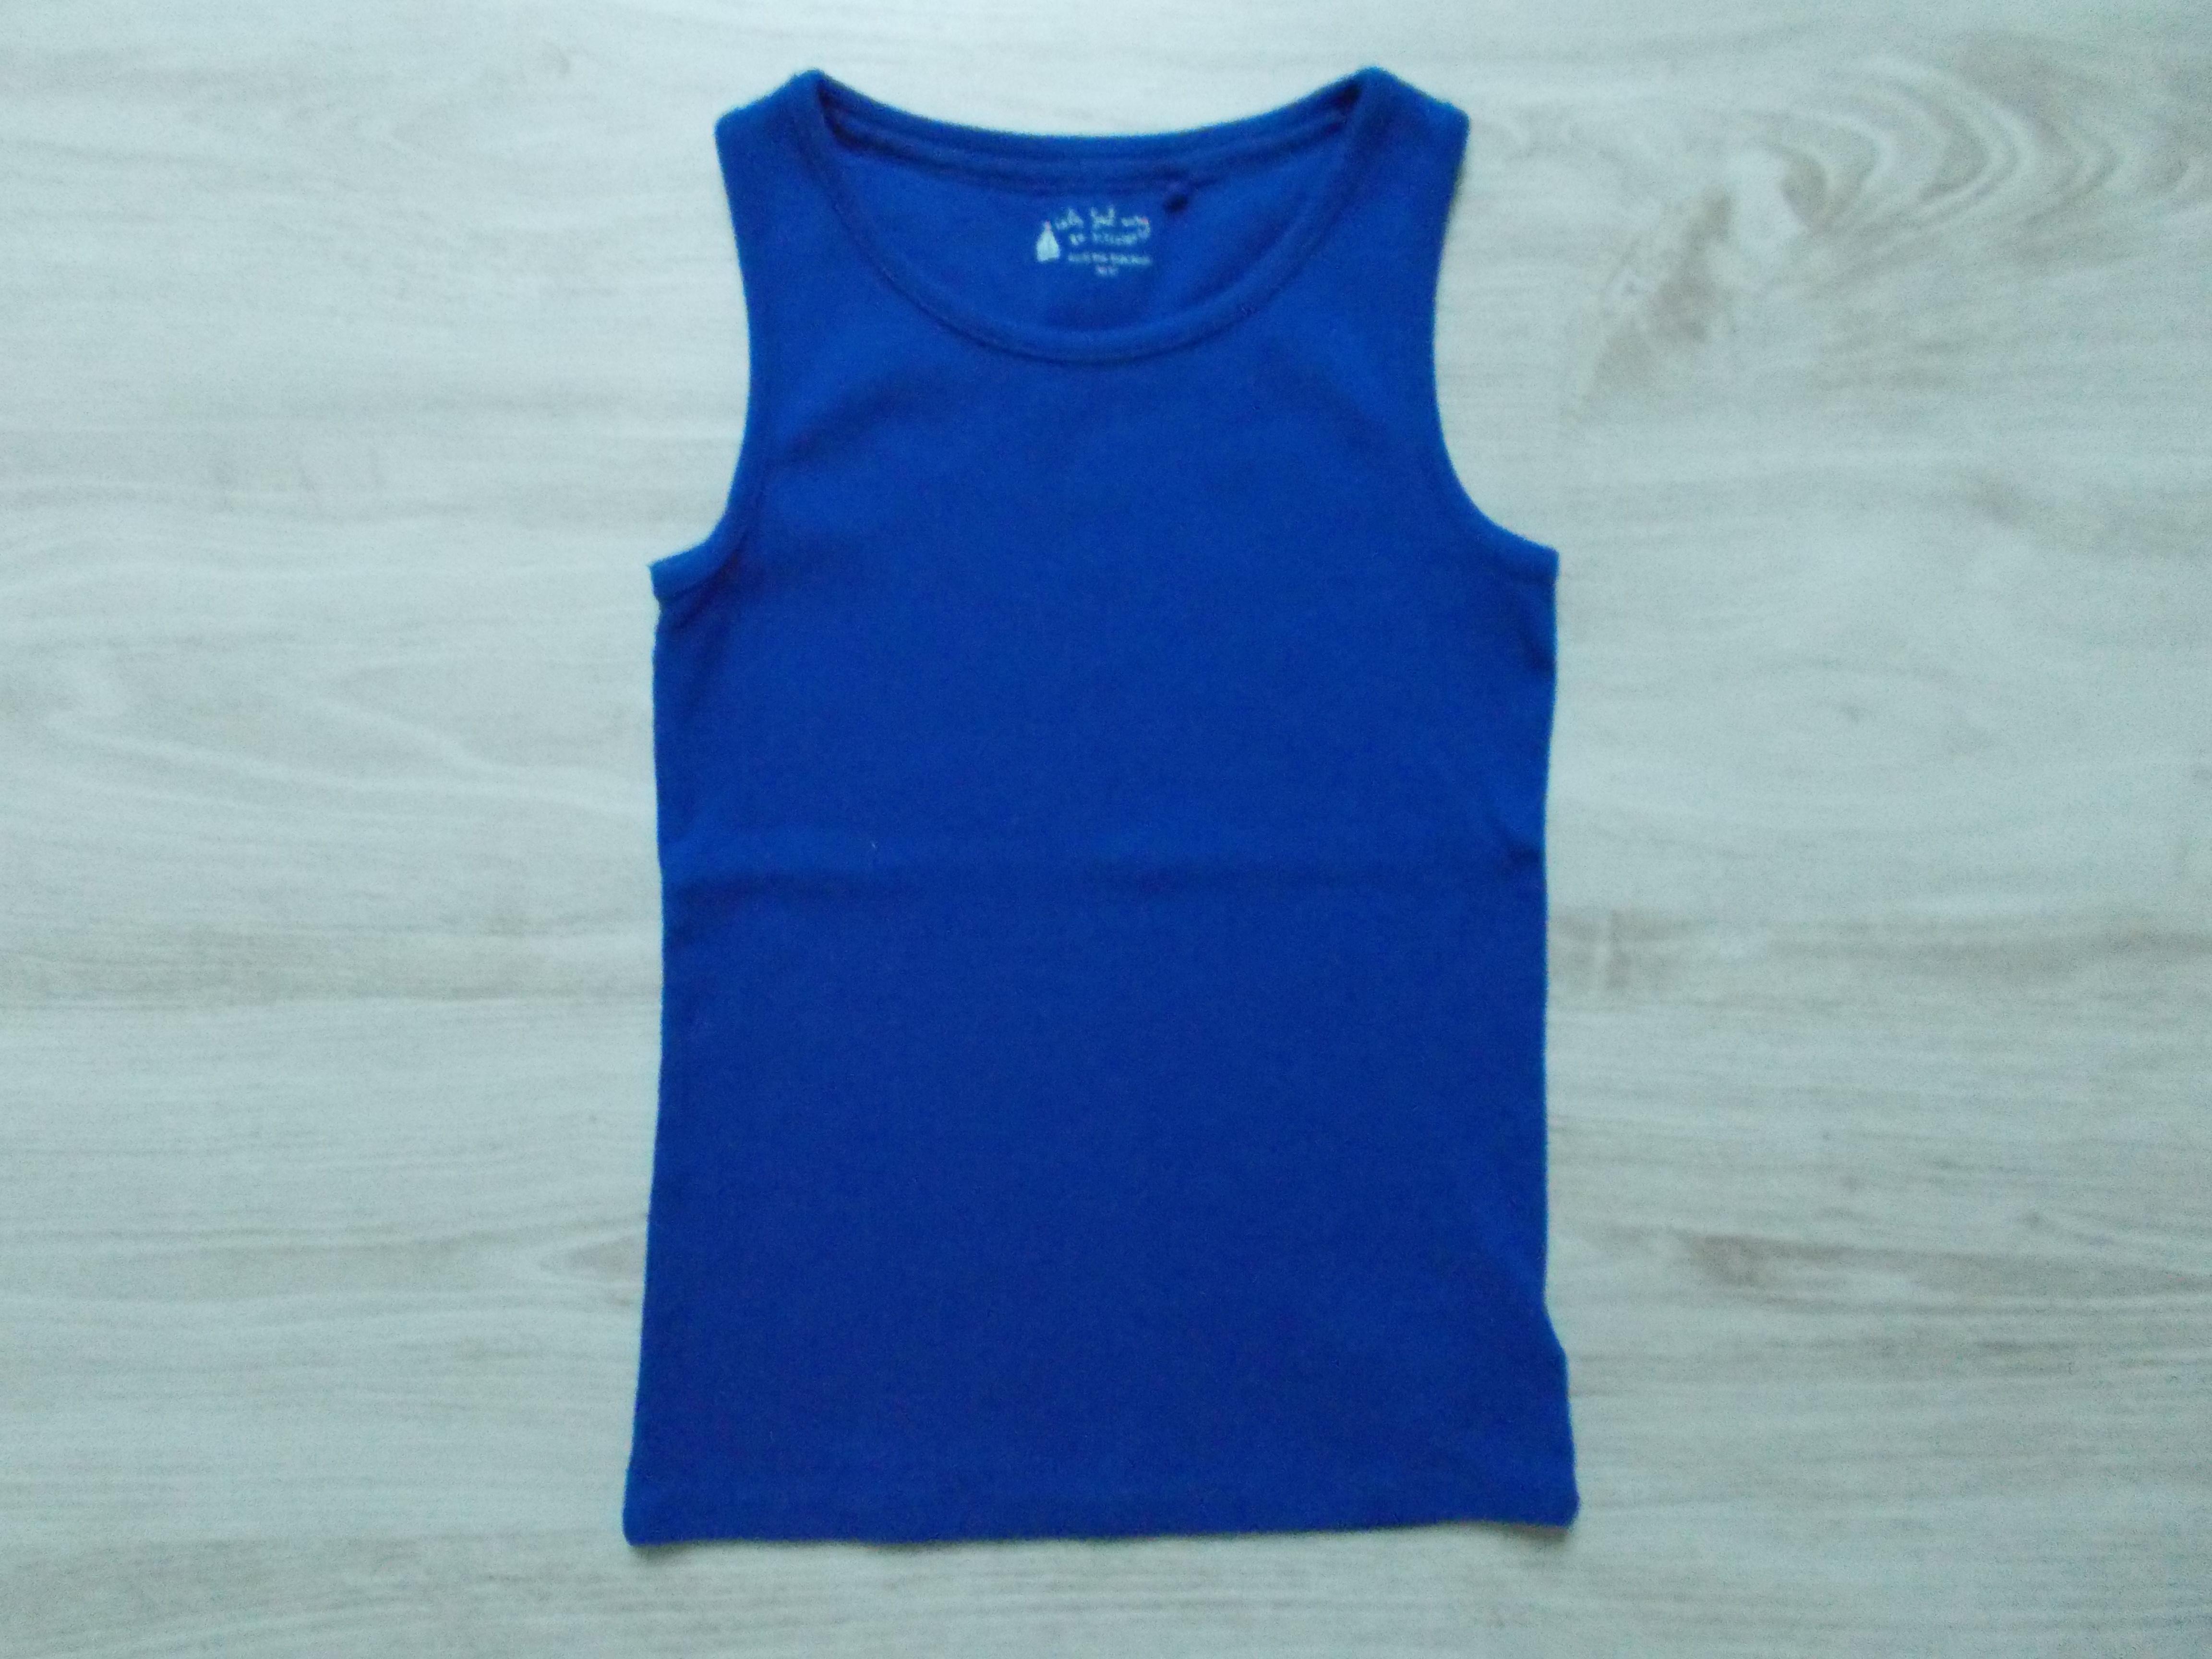 Next kék trikó  140 (10 év)   Lány ruhák     Lótusz Gyerekruha Webshop f6d0acad60